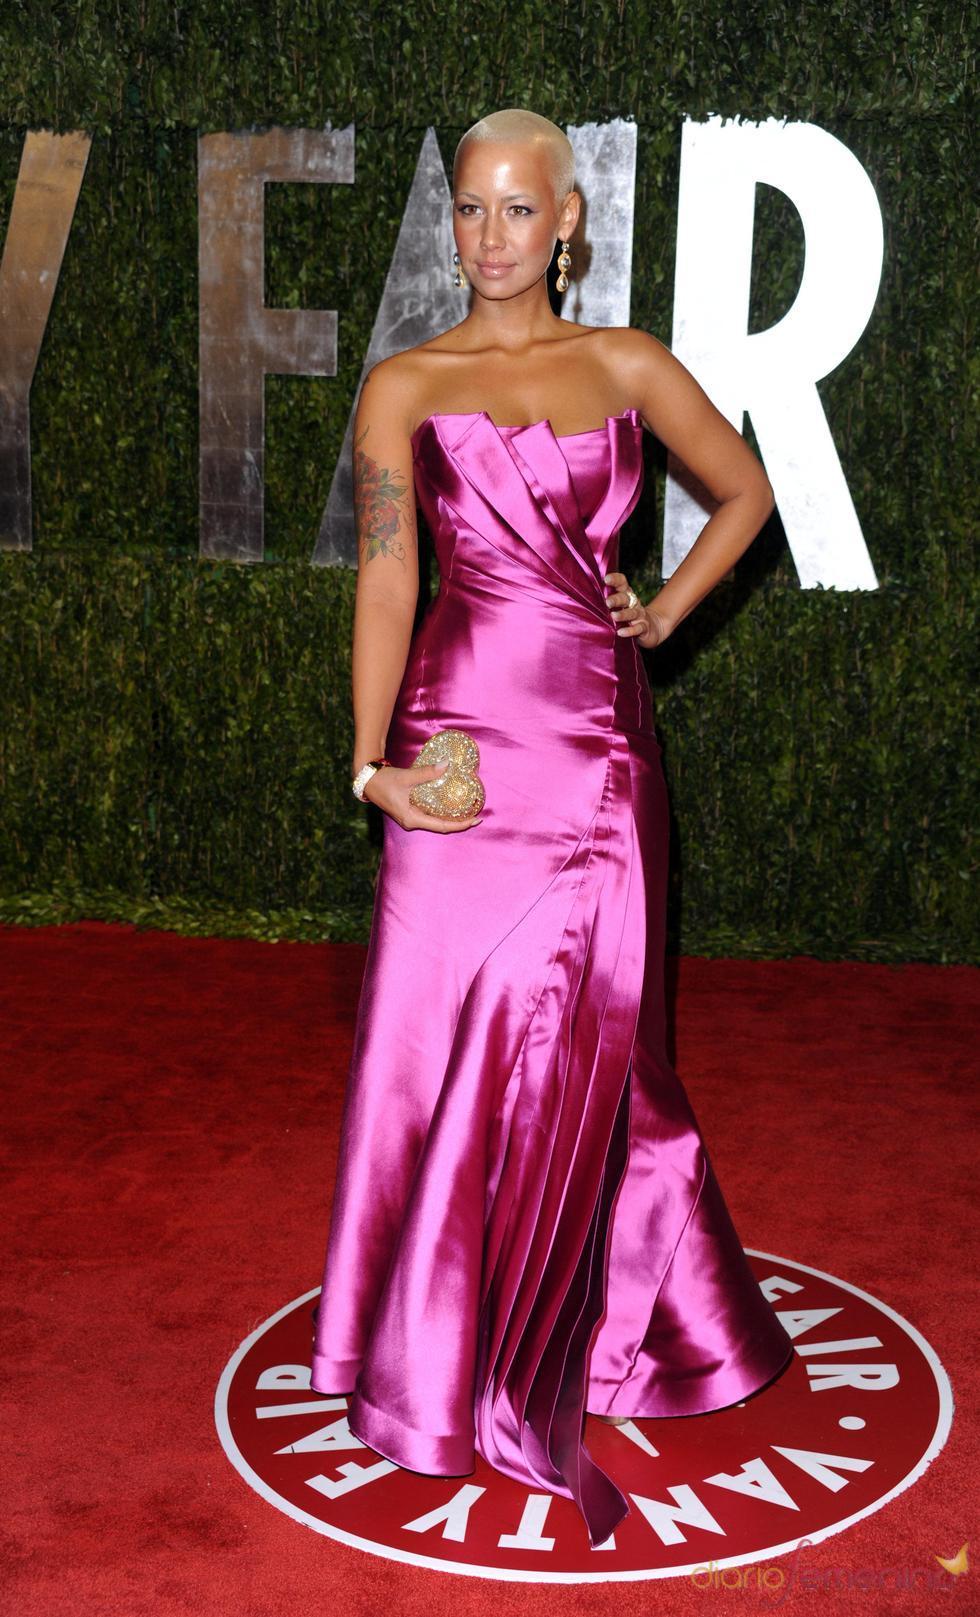 Amber Rose en la fiesta Vanity Fair Oscar 2010